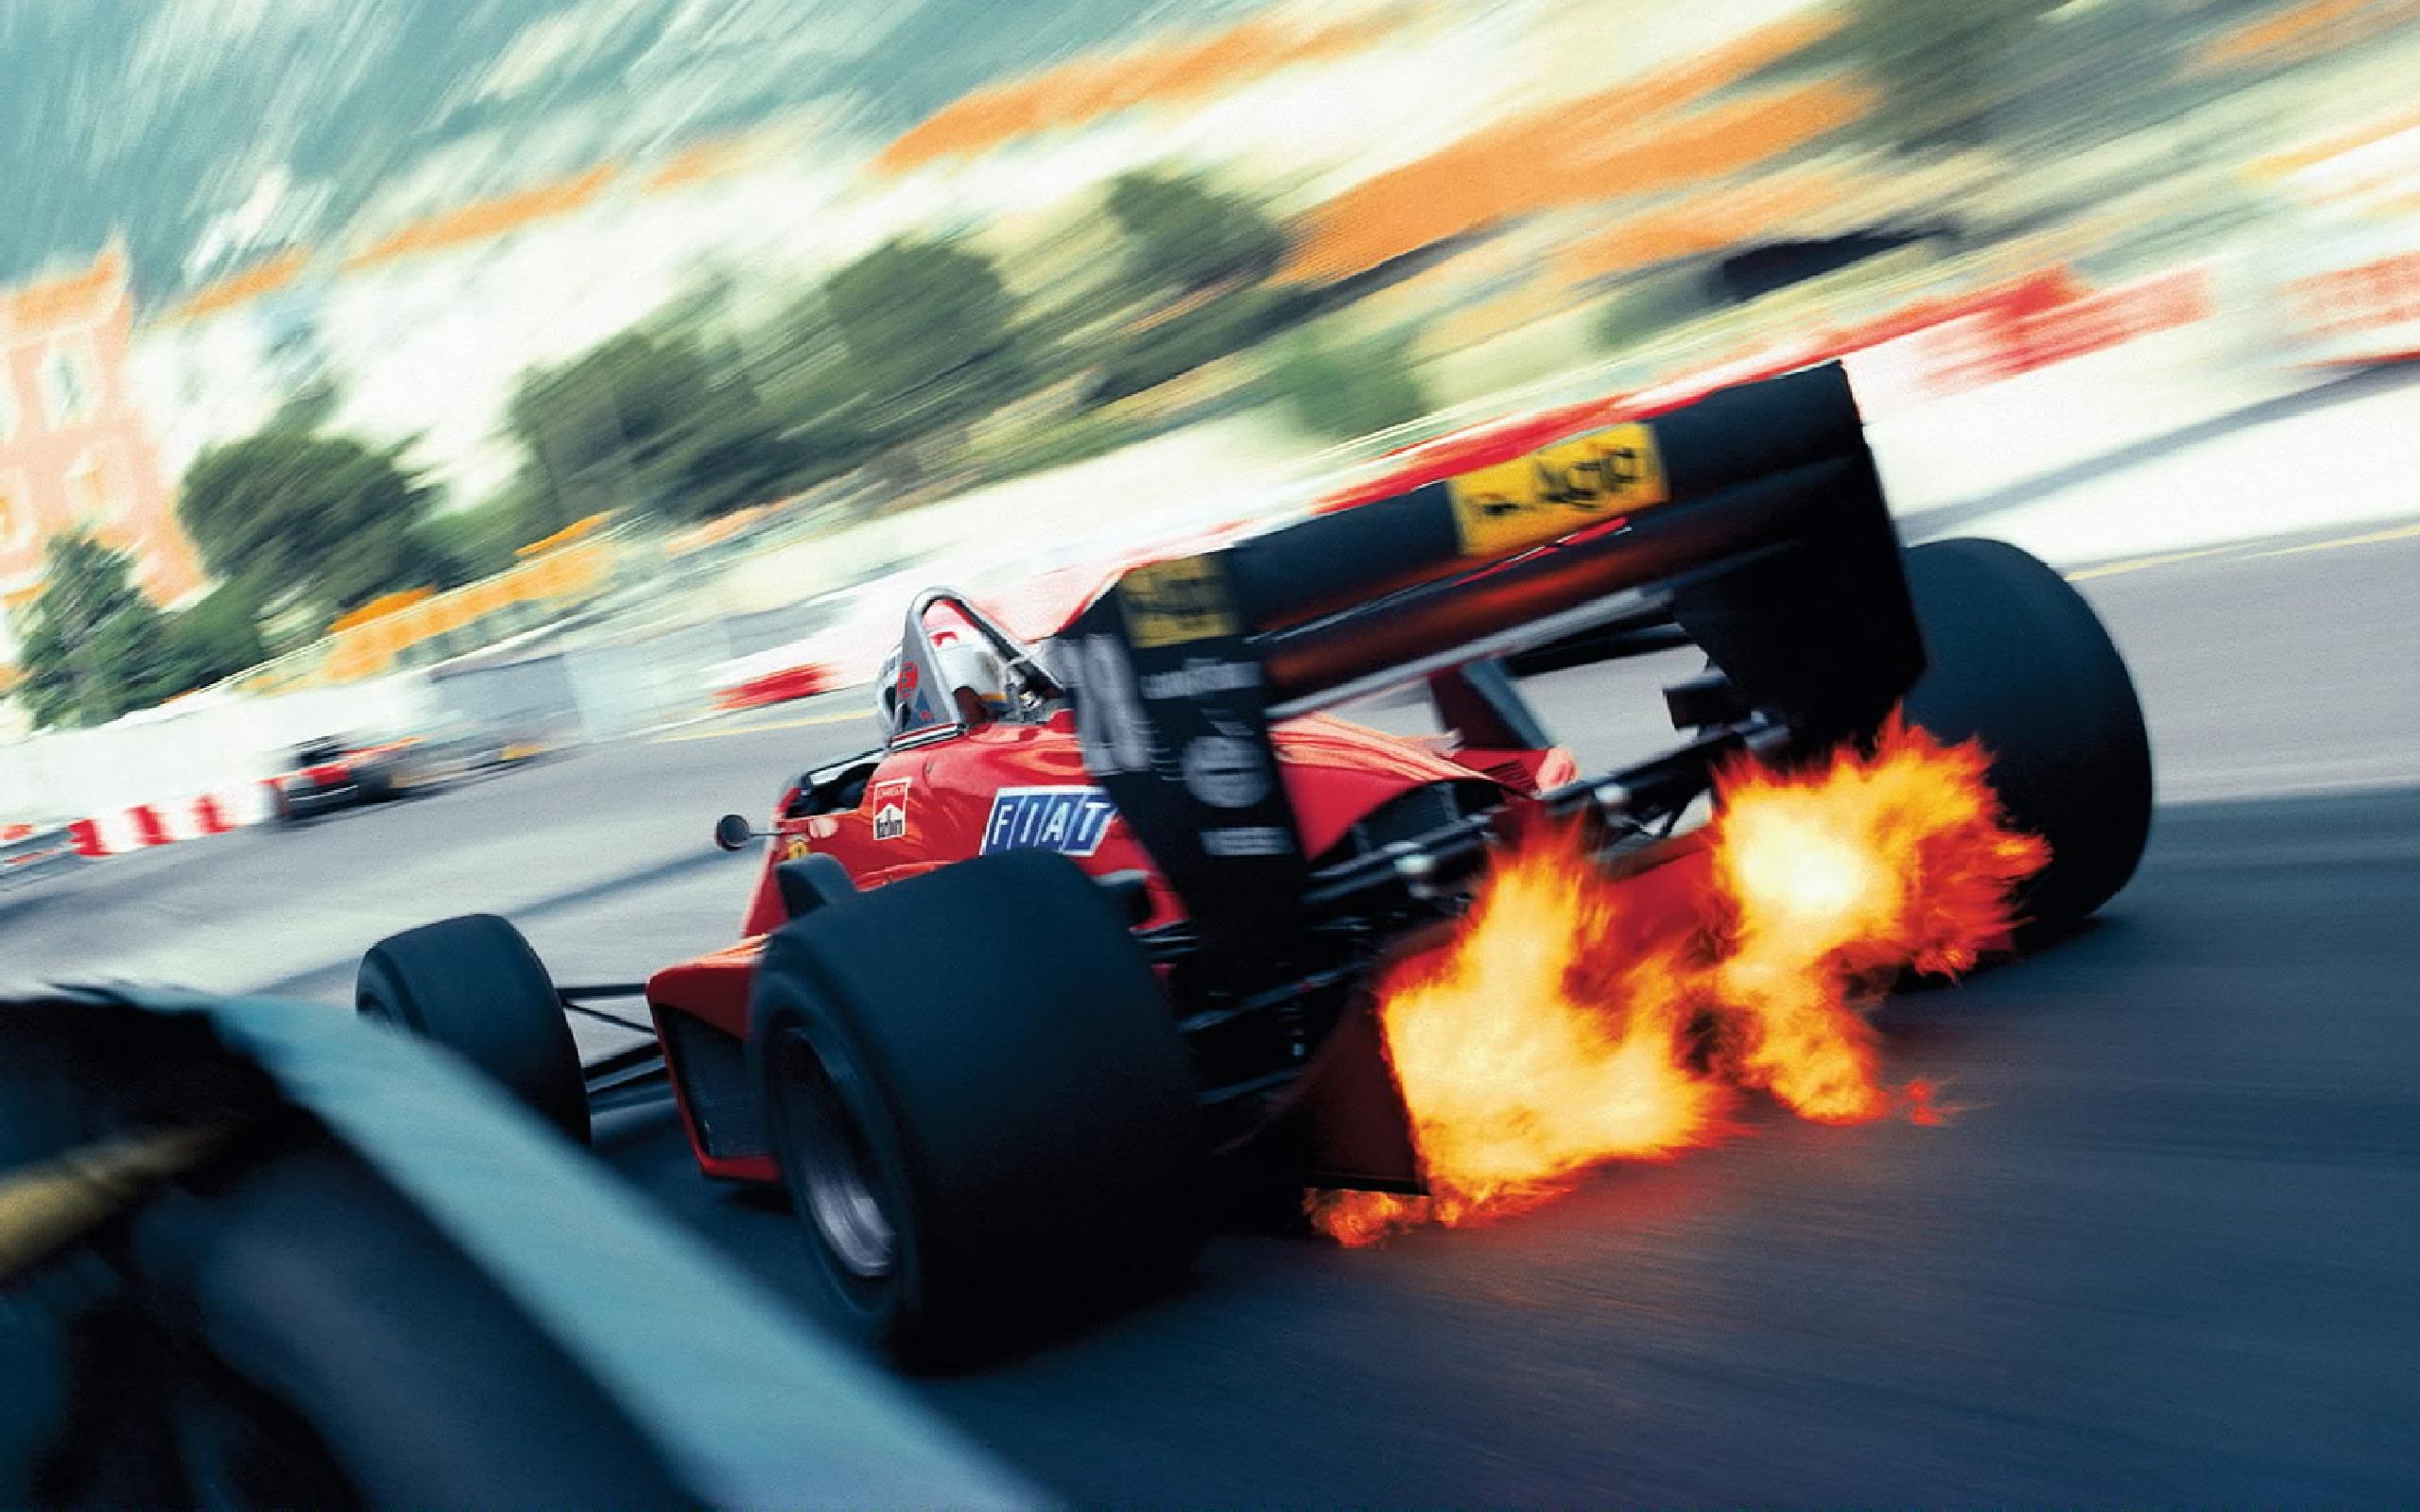 Formula 1 Wallpaper 2560x1600